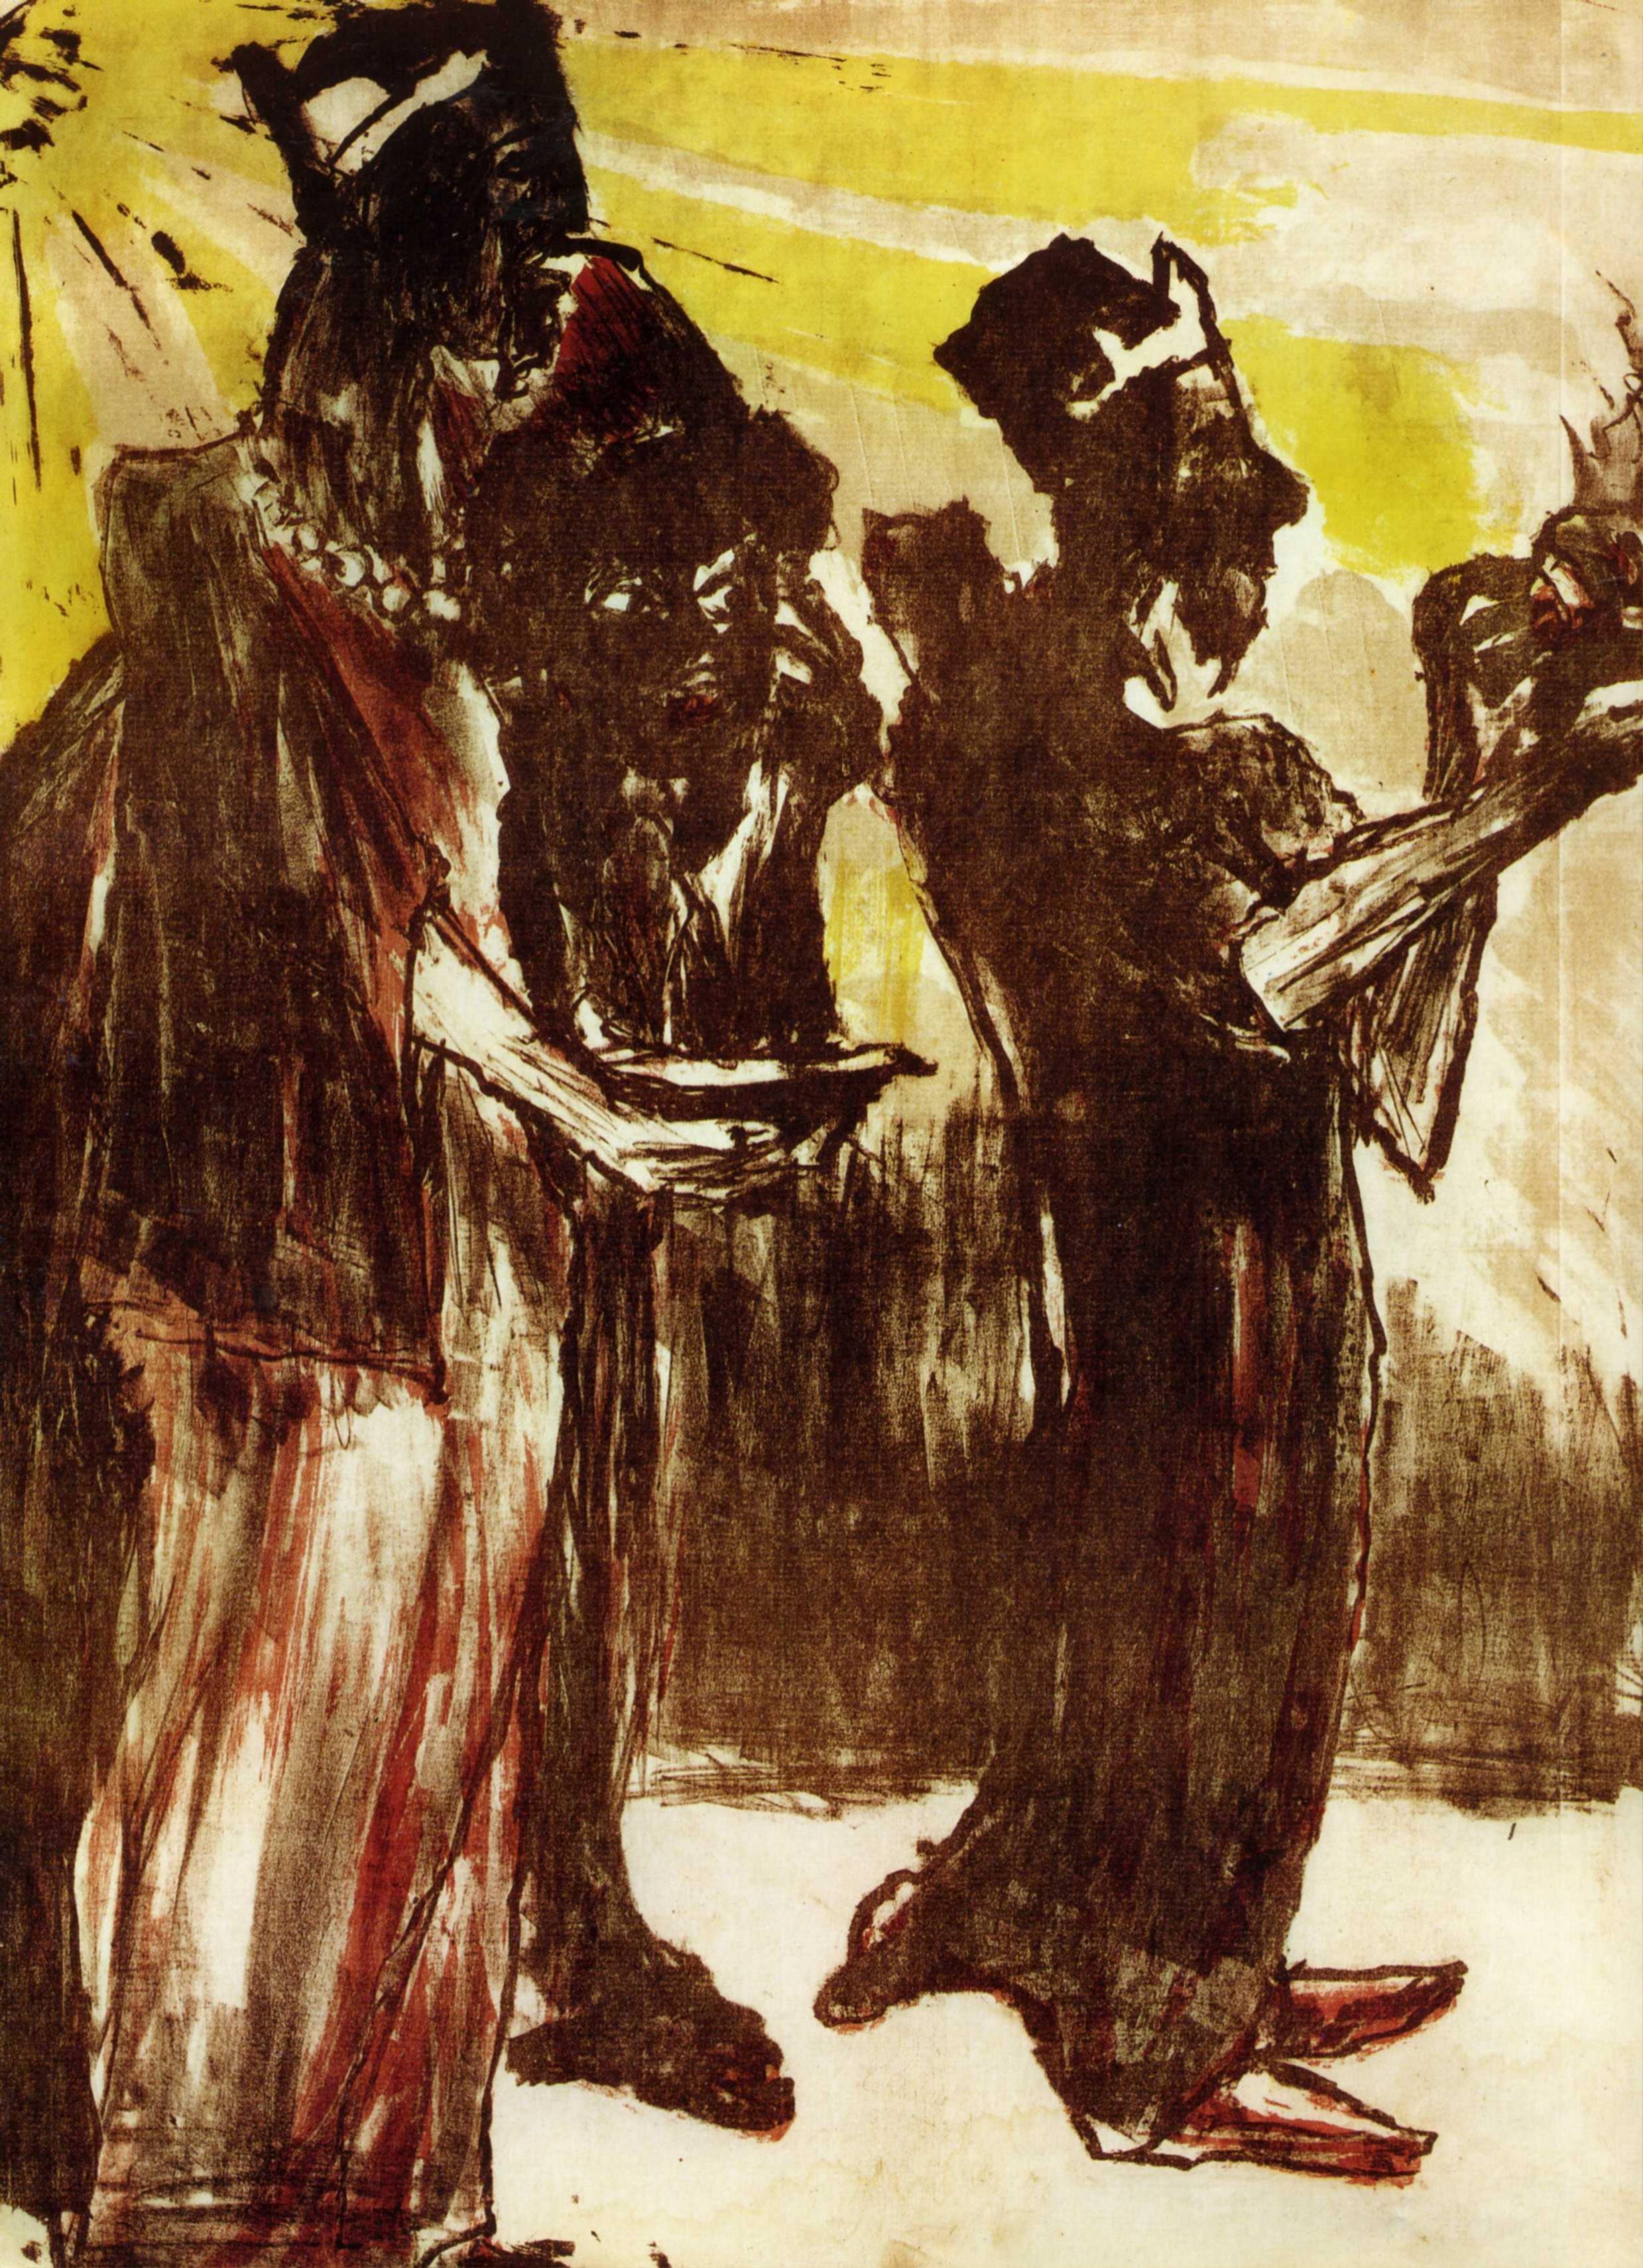 Эмиль Нольде (1867 — 1956) — один из ведущих немецких художников-экспрессионистов, считается одним из величайших акварелистов XX века. 1913. «Волхвы»